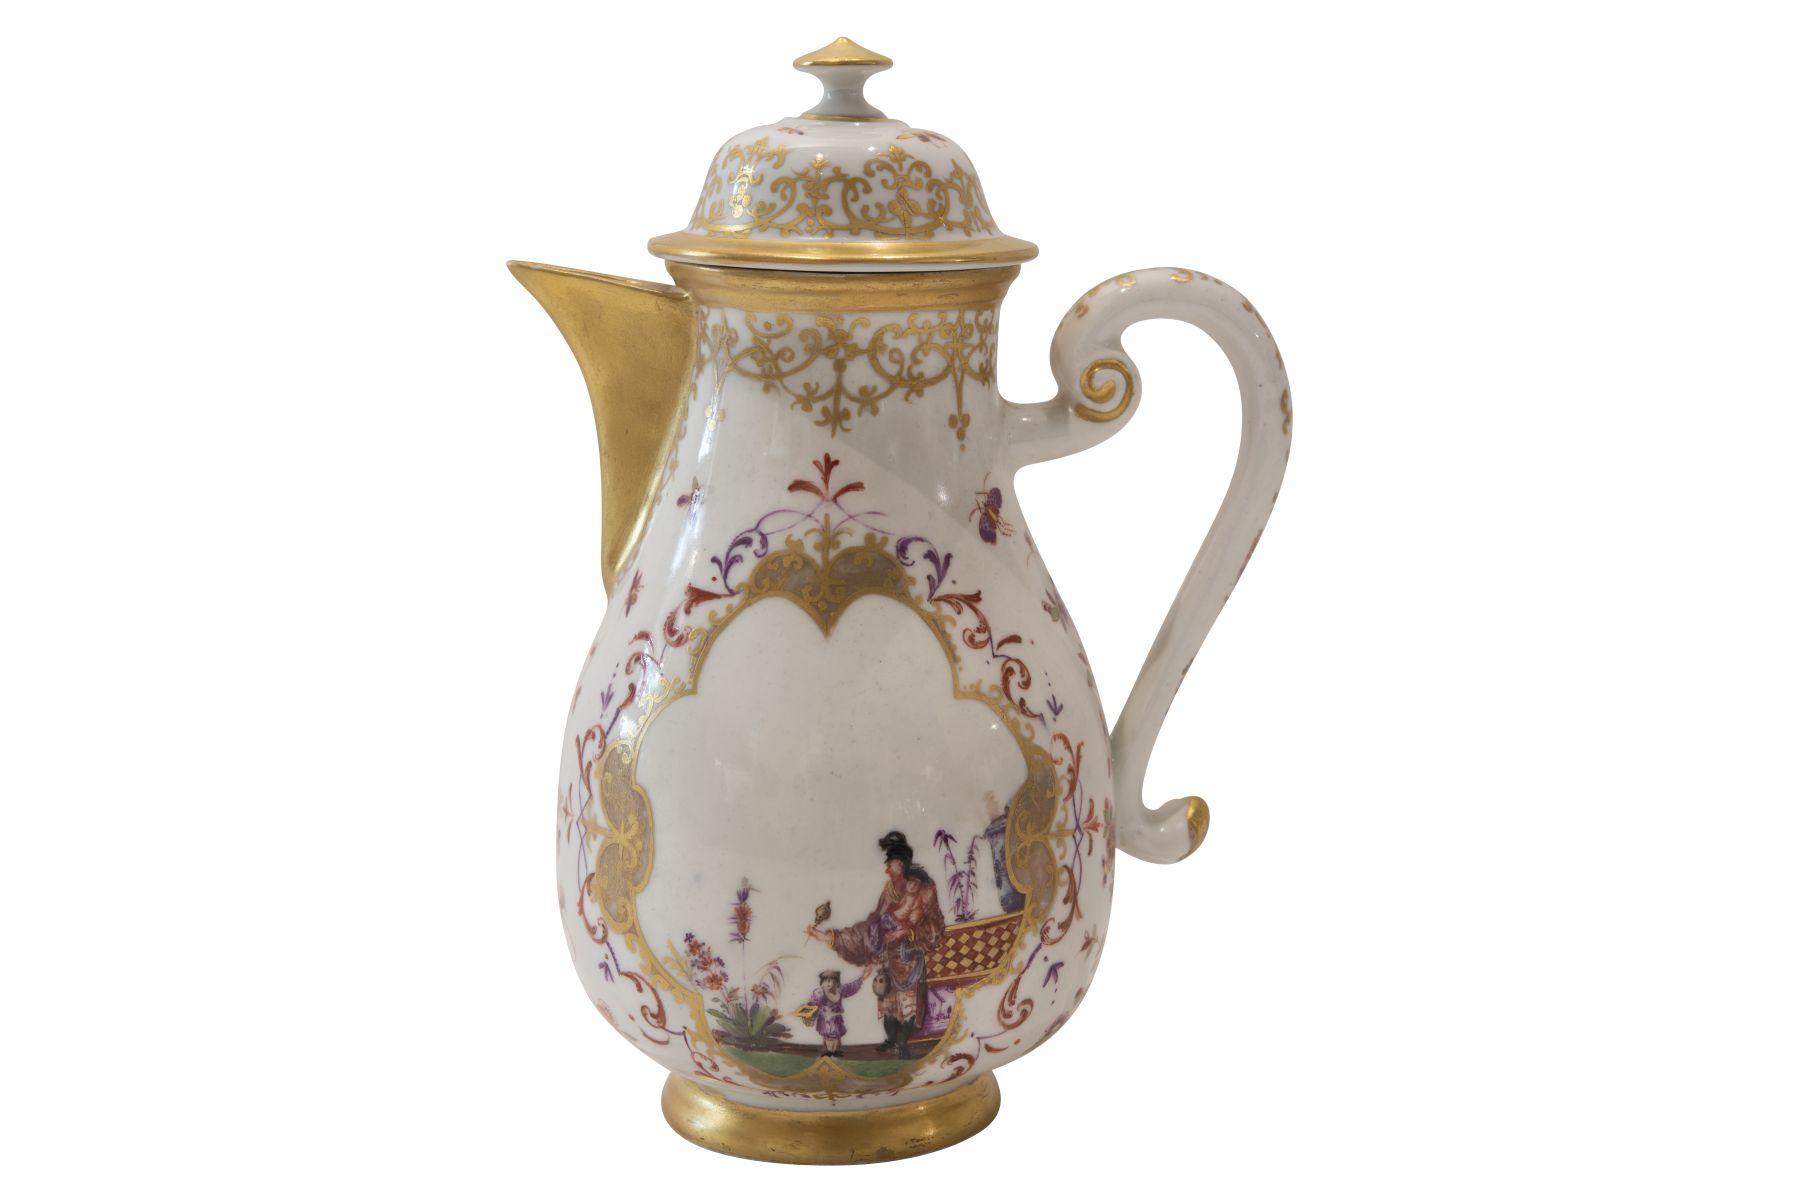 #116 Splendid coffee pot Meissen around 1730 | Prunkvolle Kaffeekanne Meissen um 1730 Image